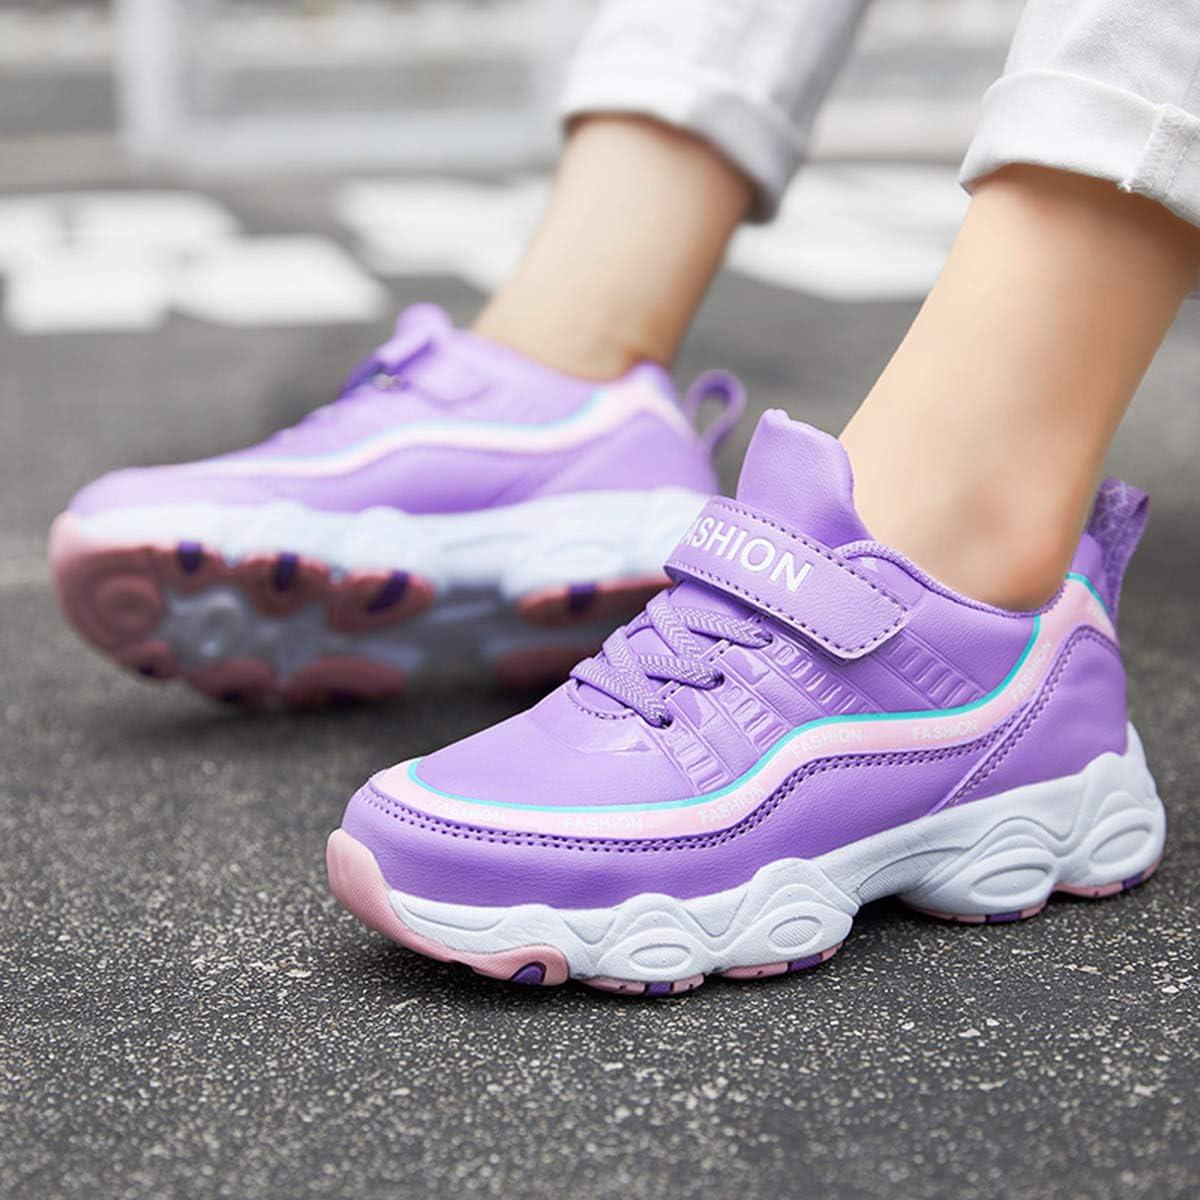 HSNA Chaussures pour Enfants Gar/çon Mode Baskets Fille Antid/érapantes Sneakers 29-40